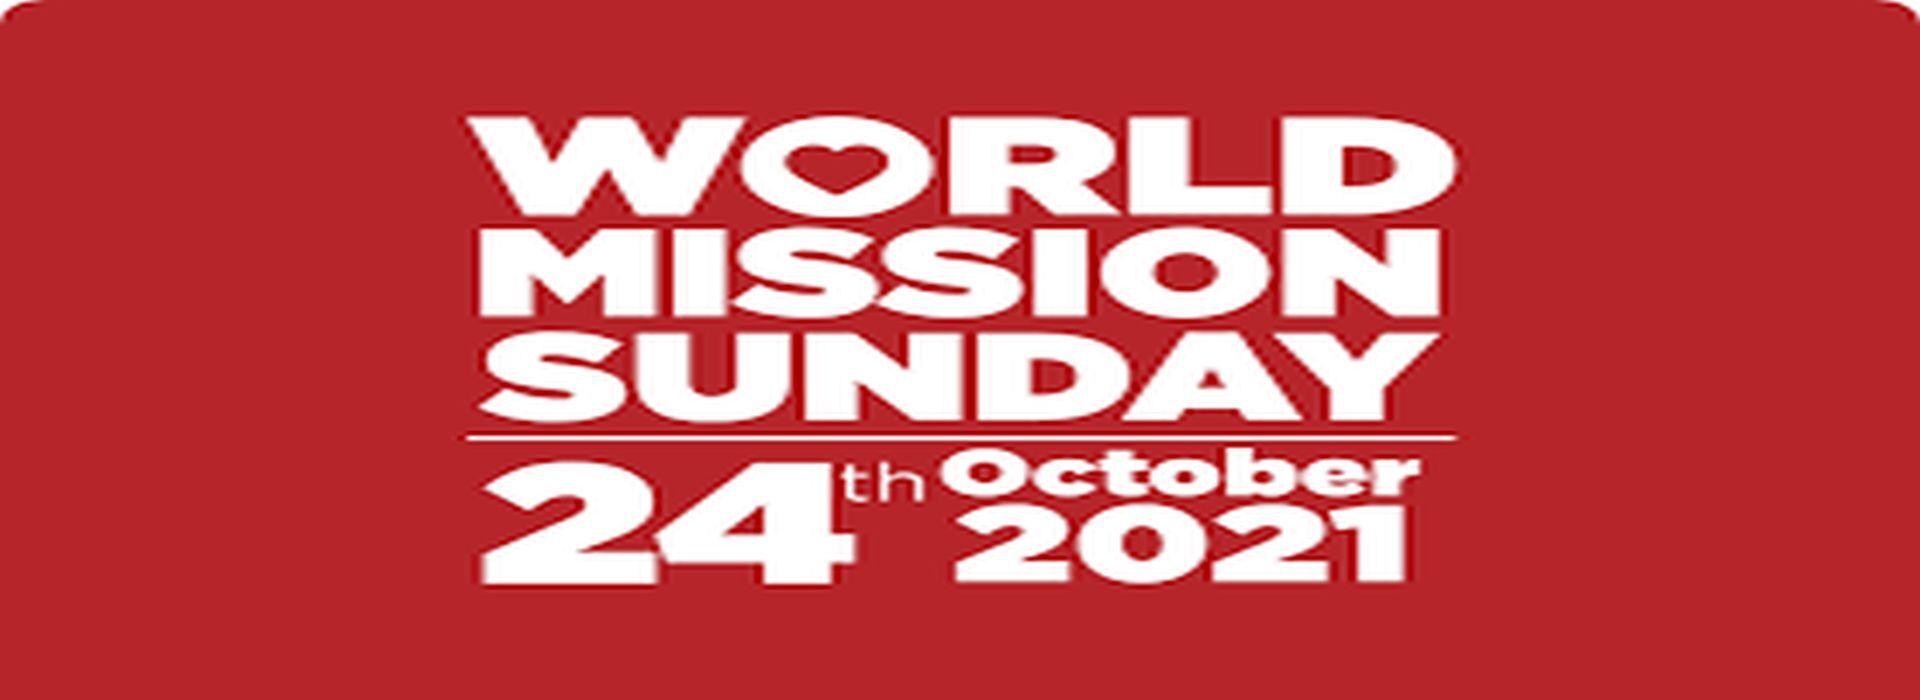 Oct 24th Mission Sunday